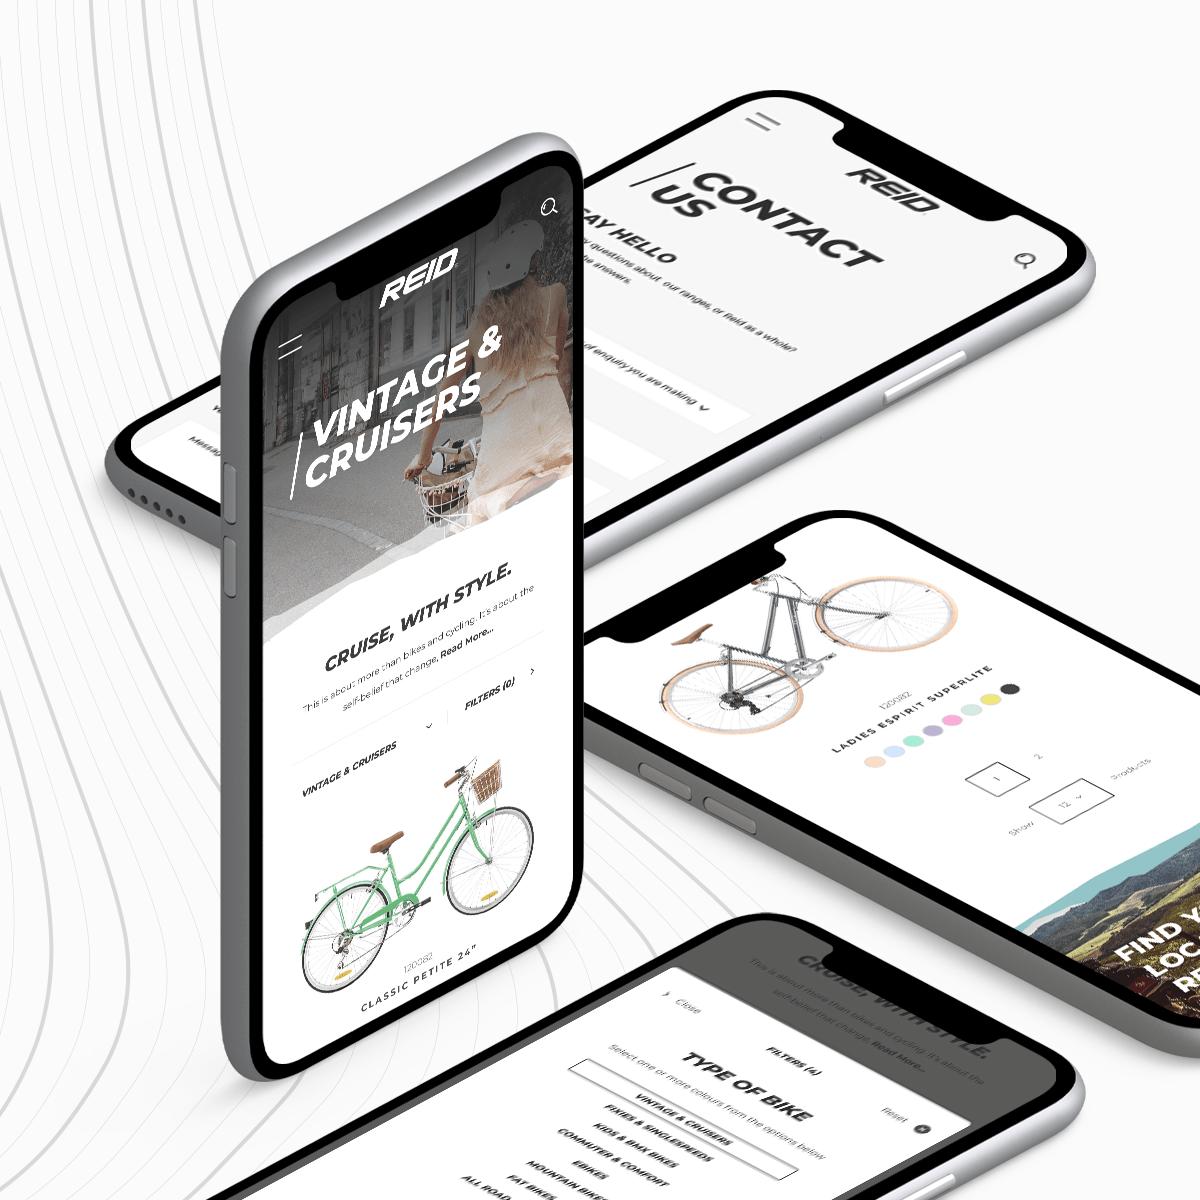 mobile web design by digital storm